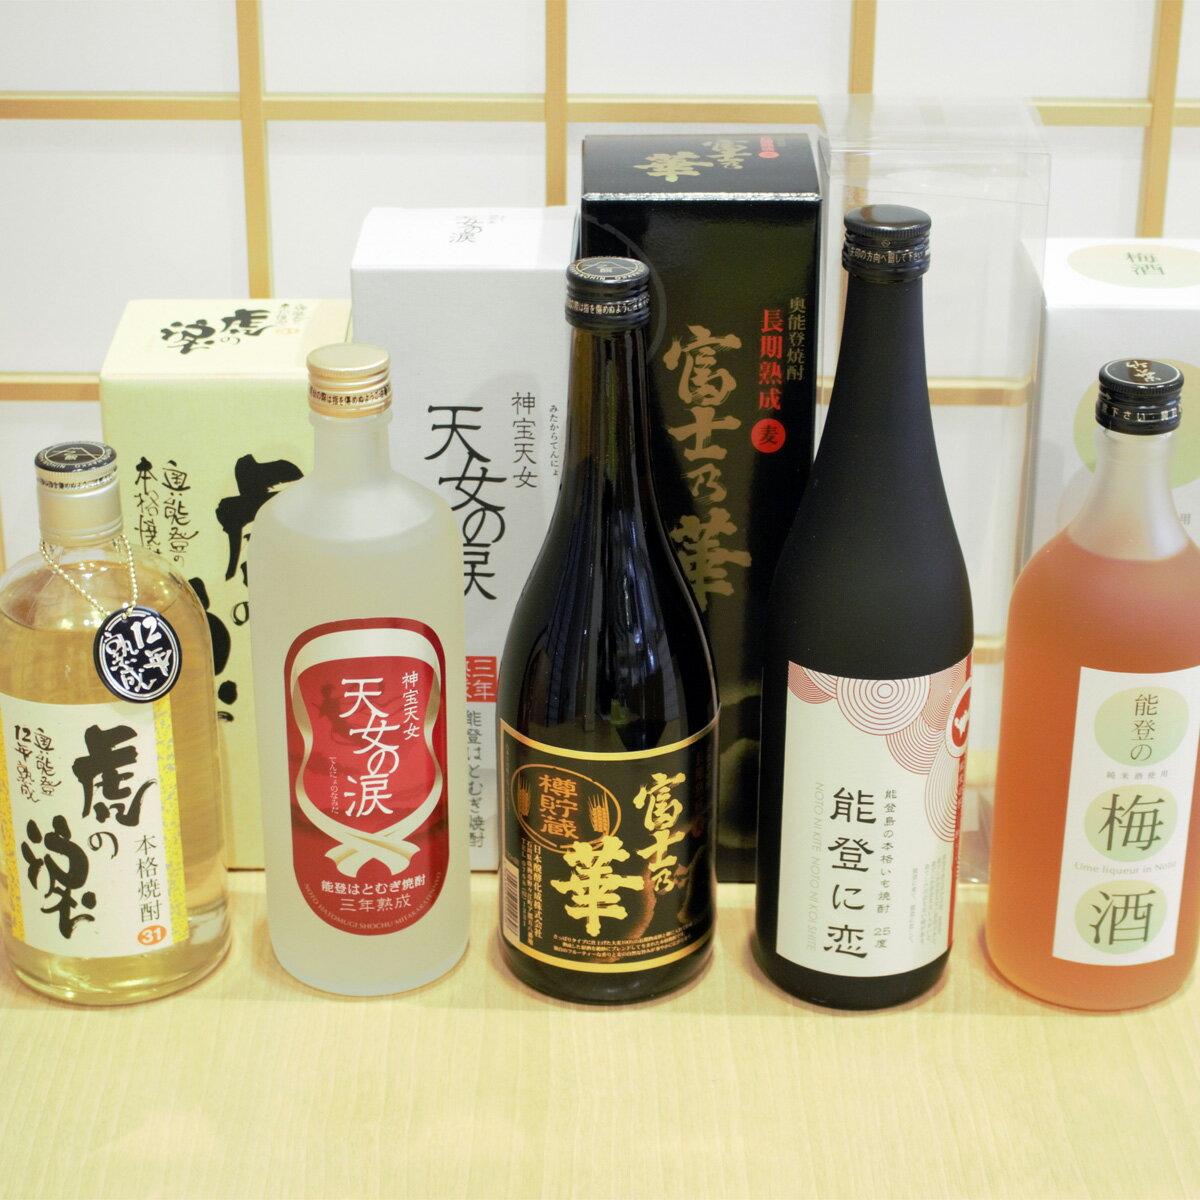 【ふるさと納税】能登産の焼酎を集めました! 梅酒・焼酎飲み比べセット:石川県中能登町